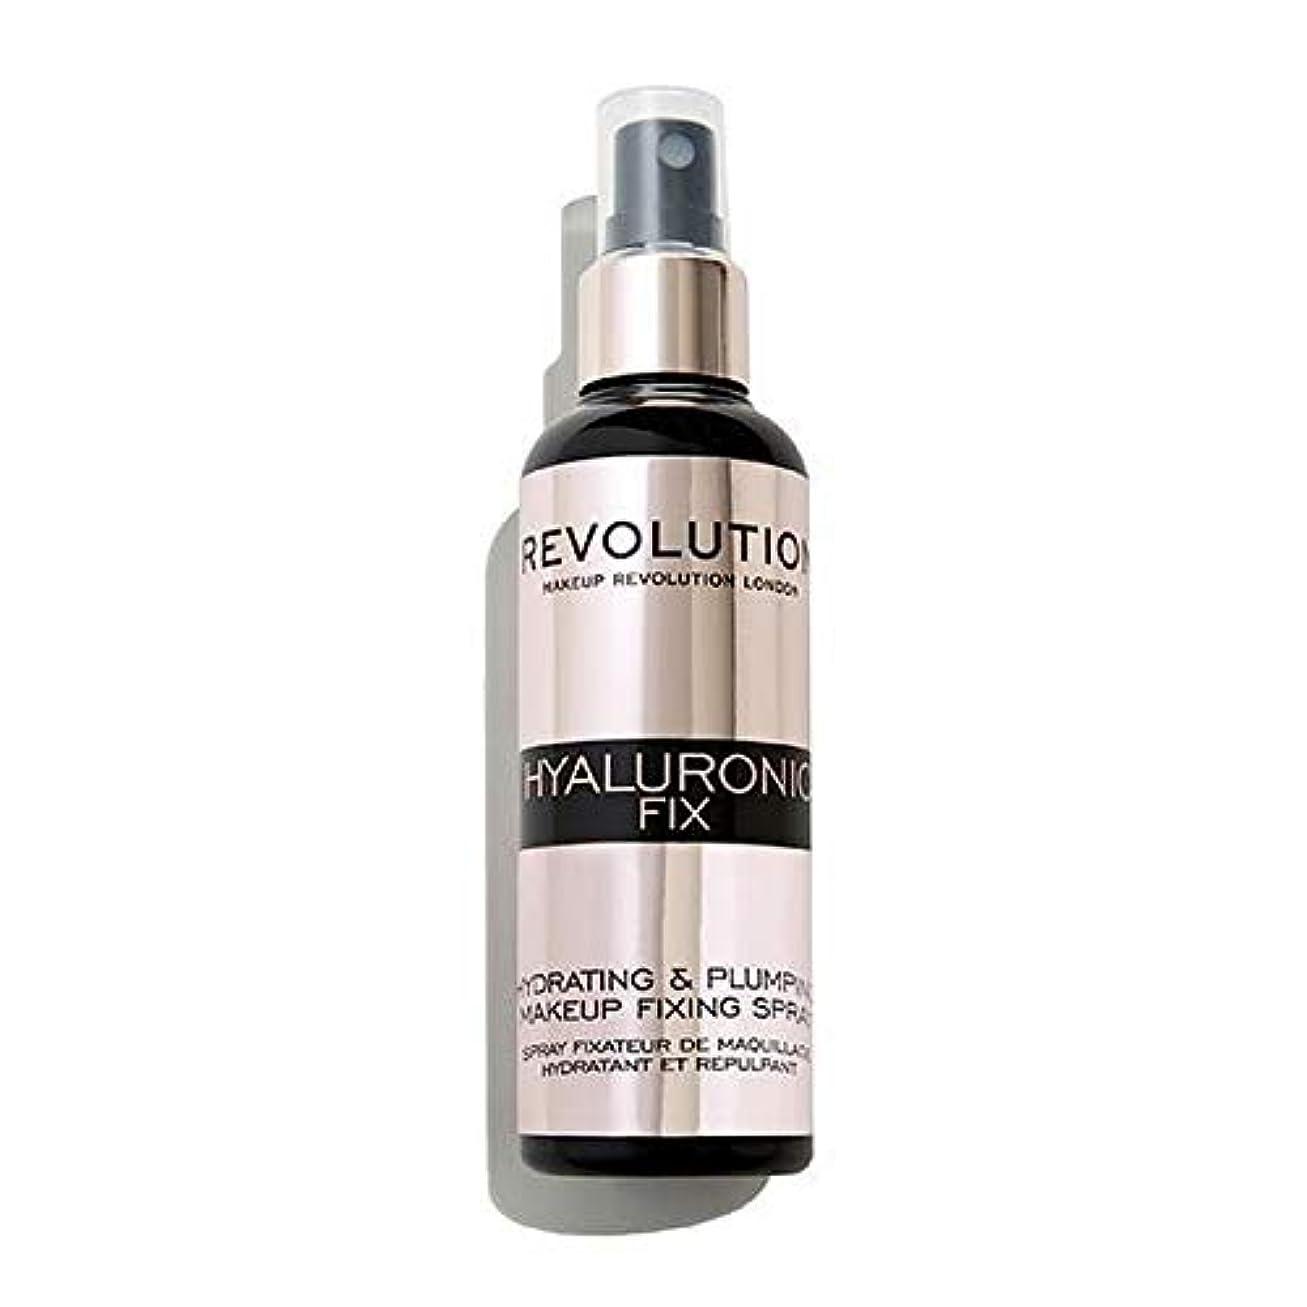 朝食を食べる署名クライアント[Revolution ] 化粧革命ヒアルロン固定スプレー - Makeup Revolution Hyaluronic Fixing Spray [並行輸入品]